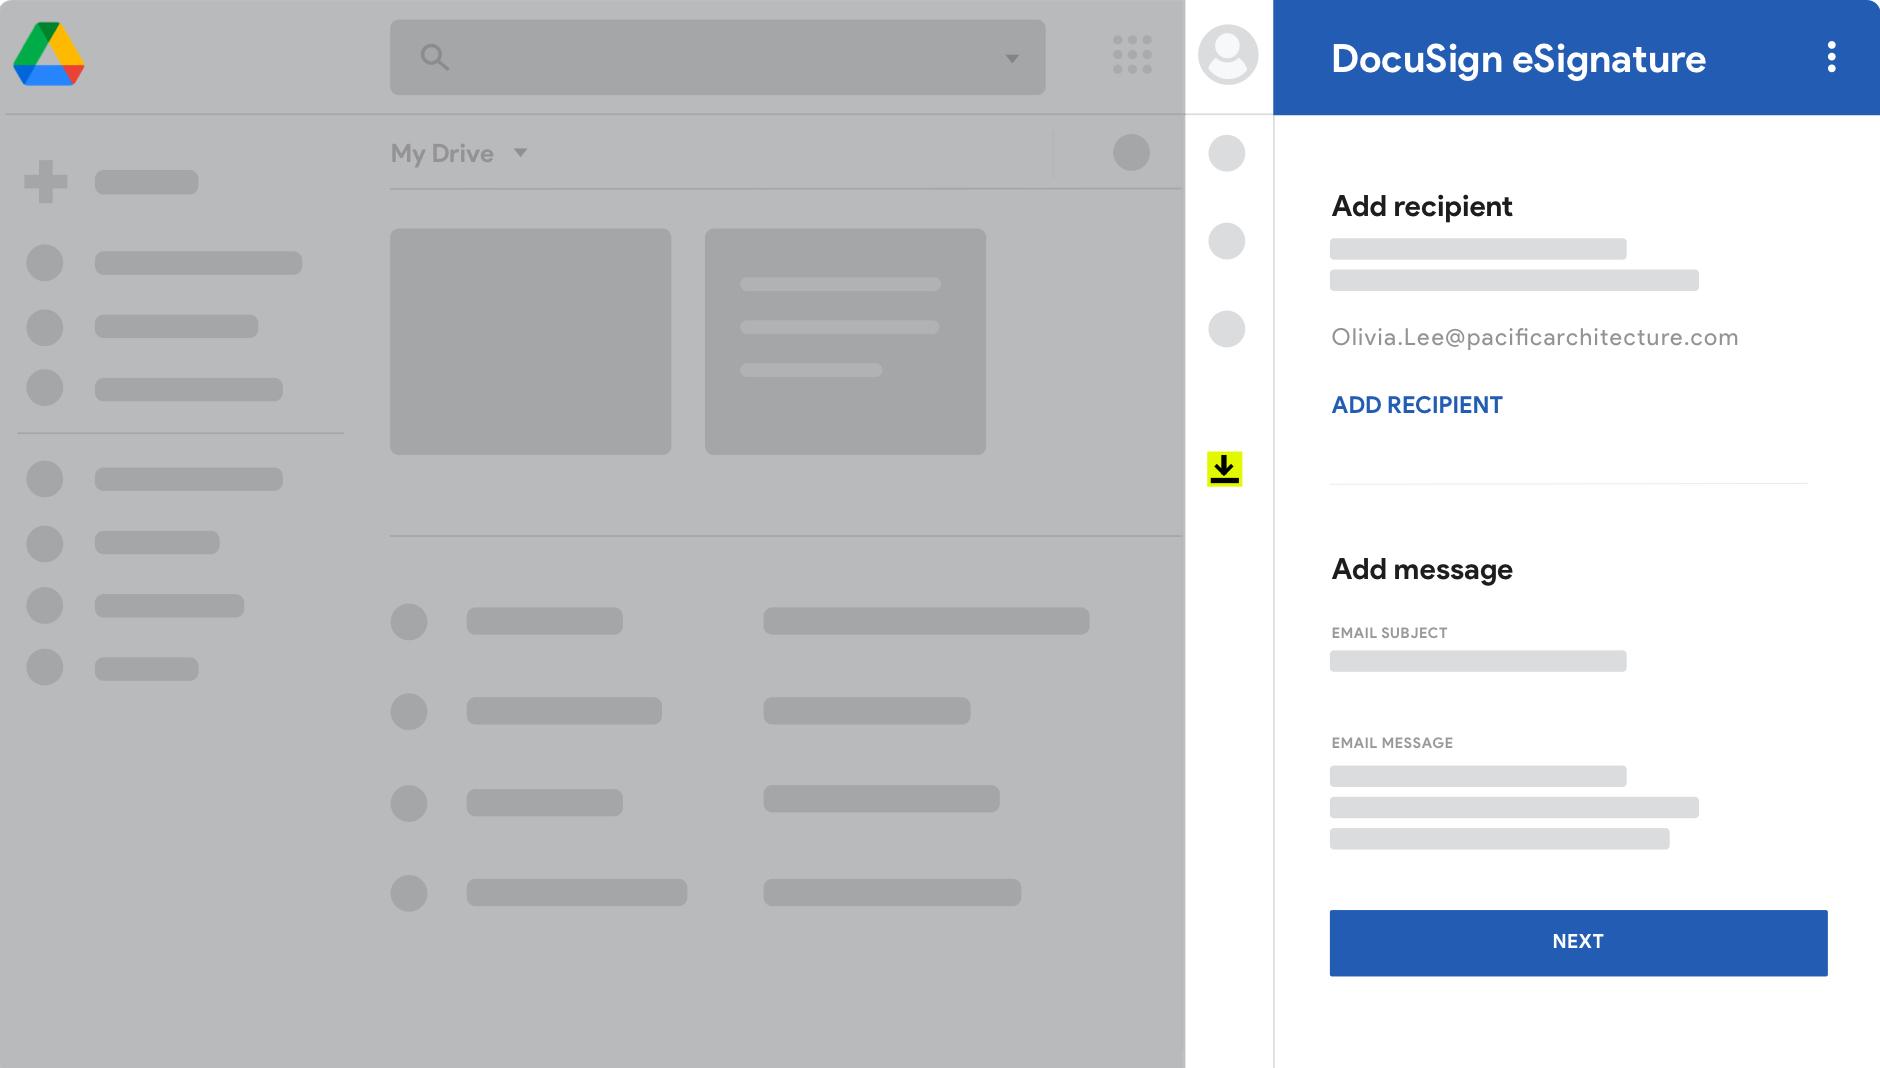 Tela do Google Drive com DocuSign eSignature.